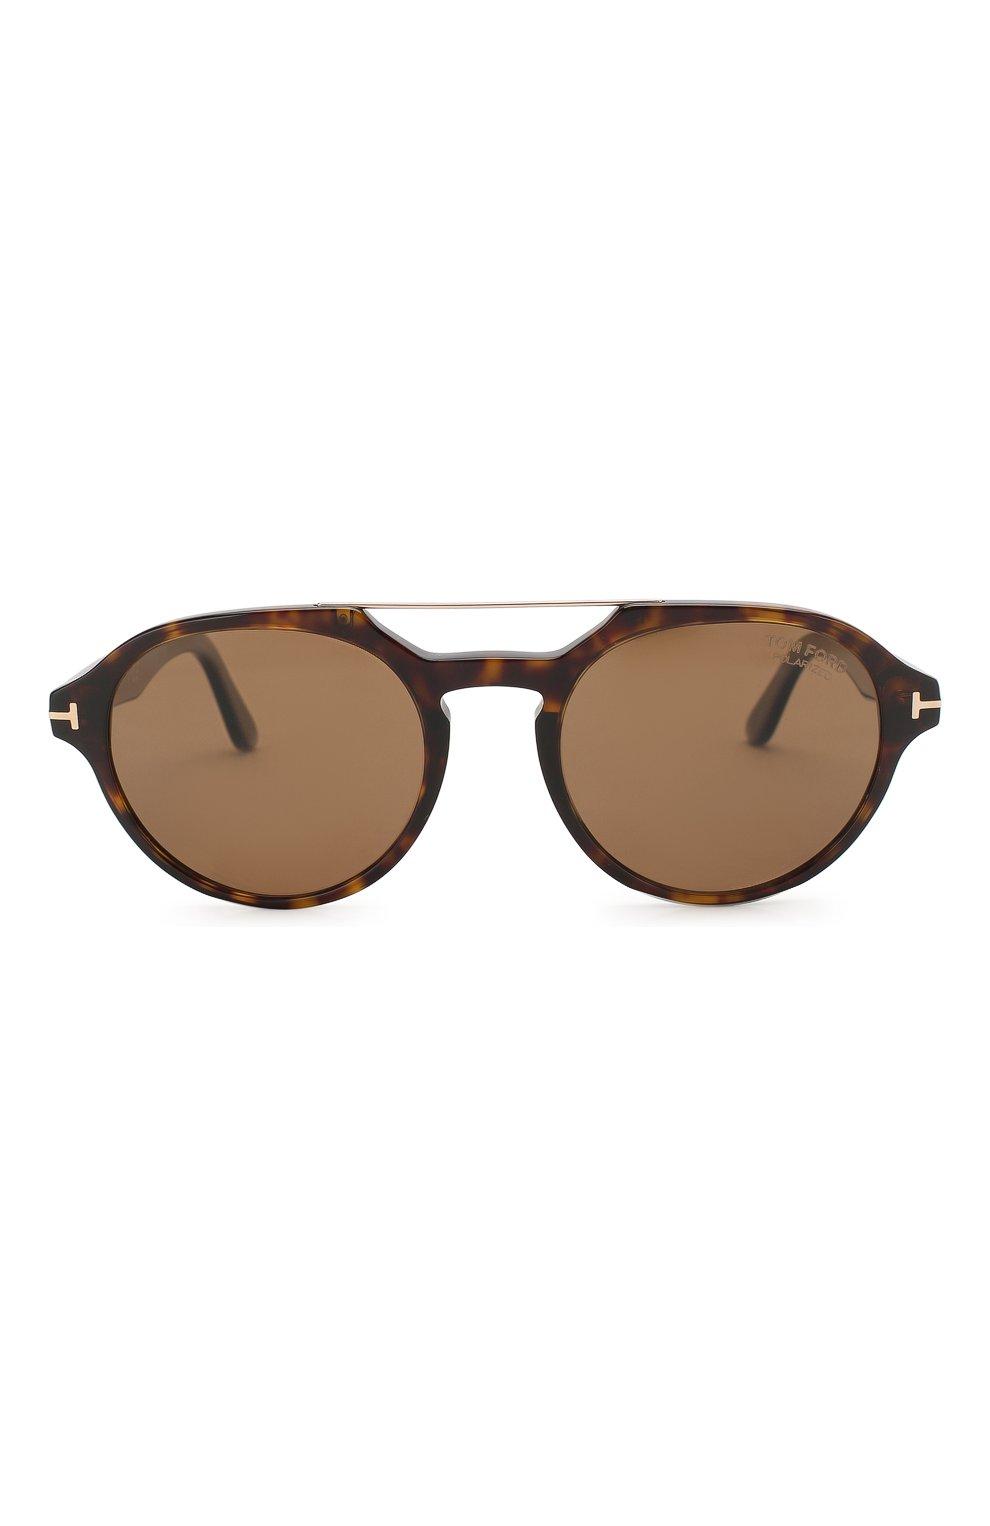 Мужские солнцезащитные очки TOM FORD коричневого цвета, арт. TF696 52H | Фото 2